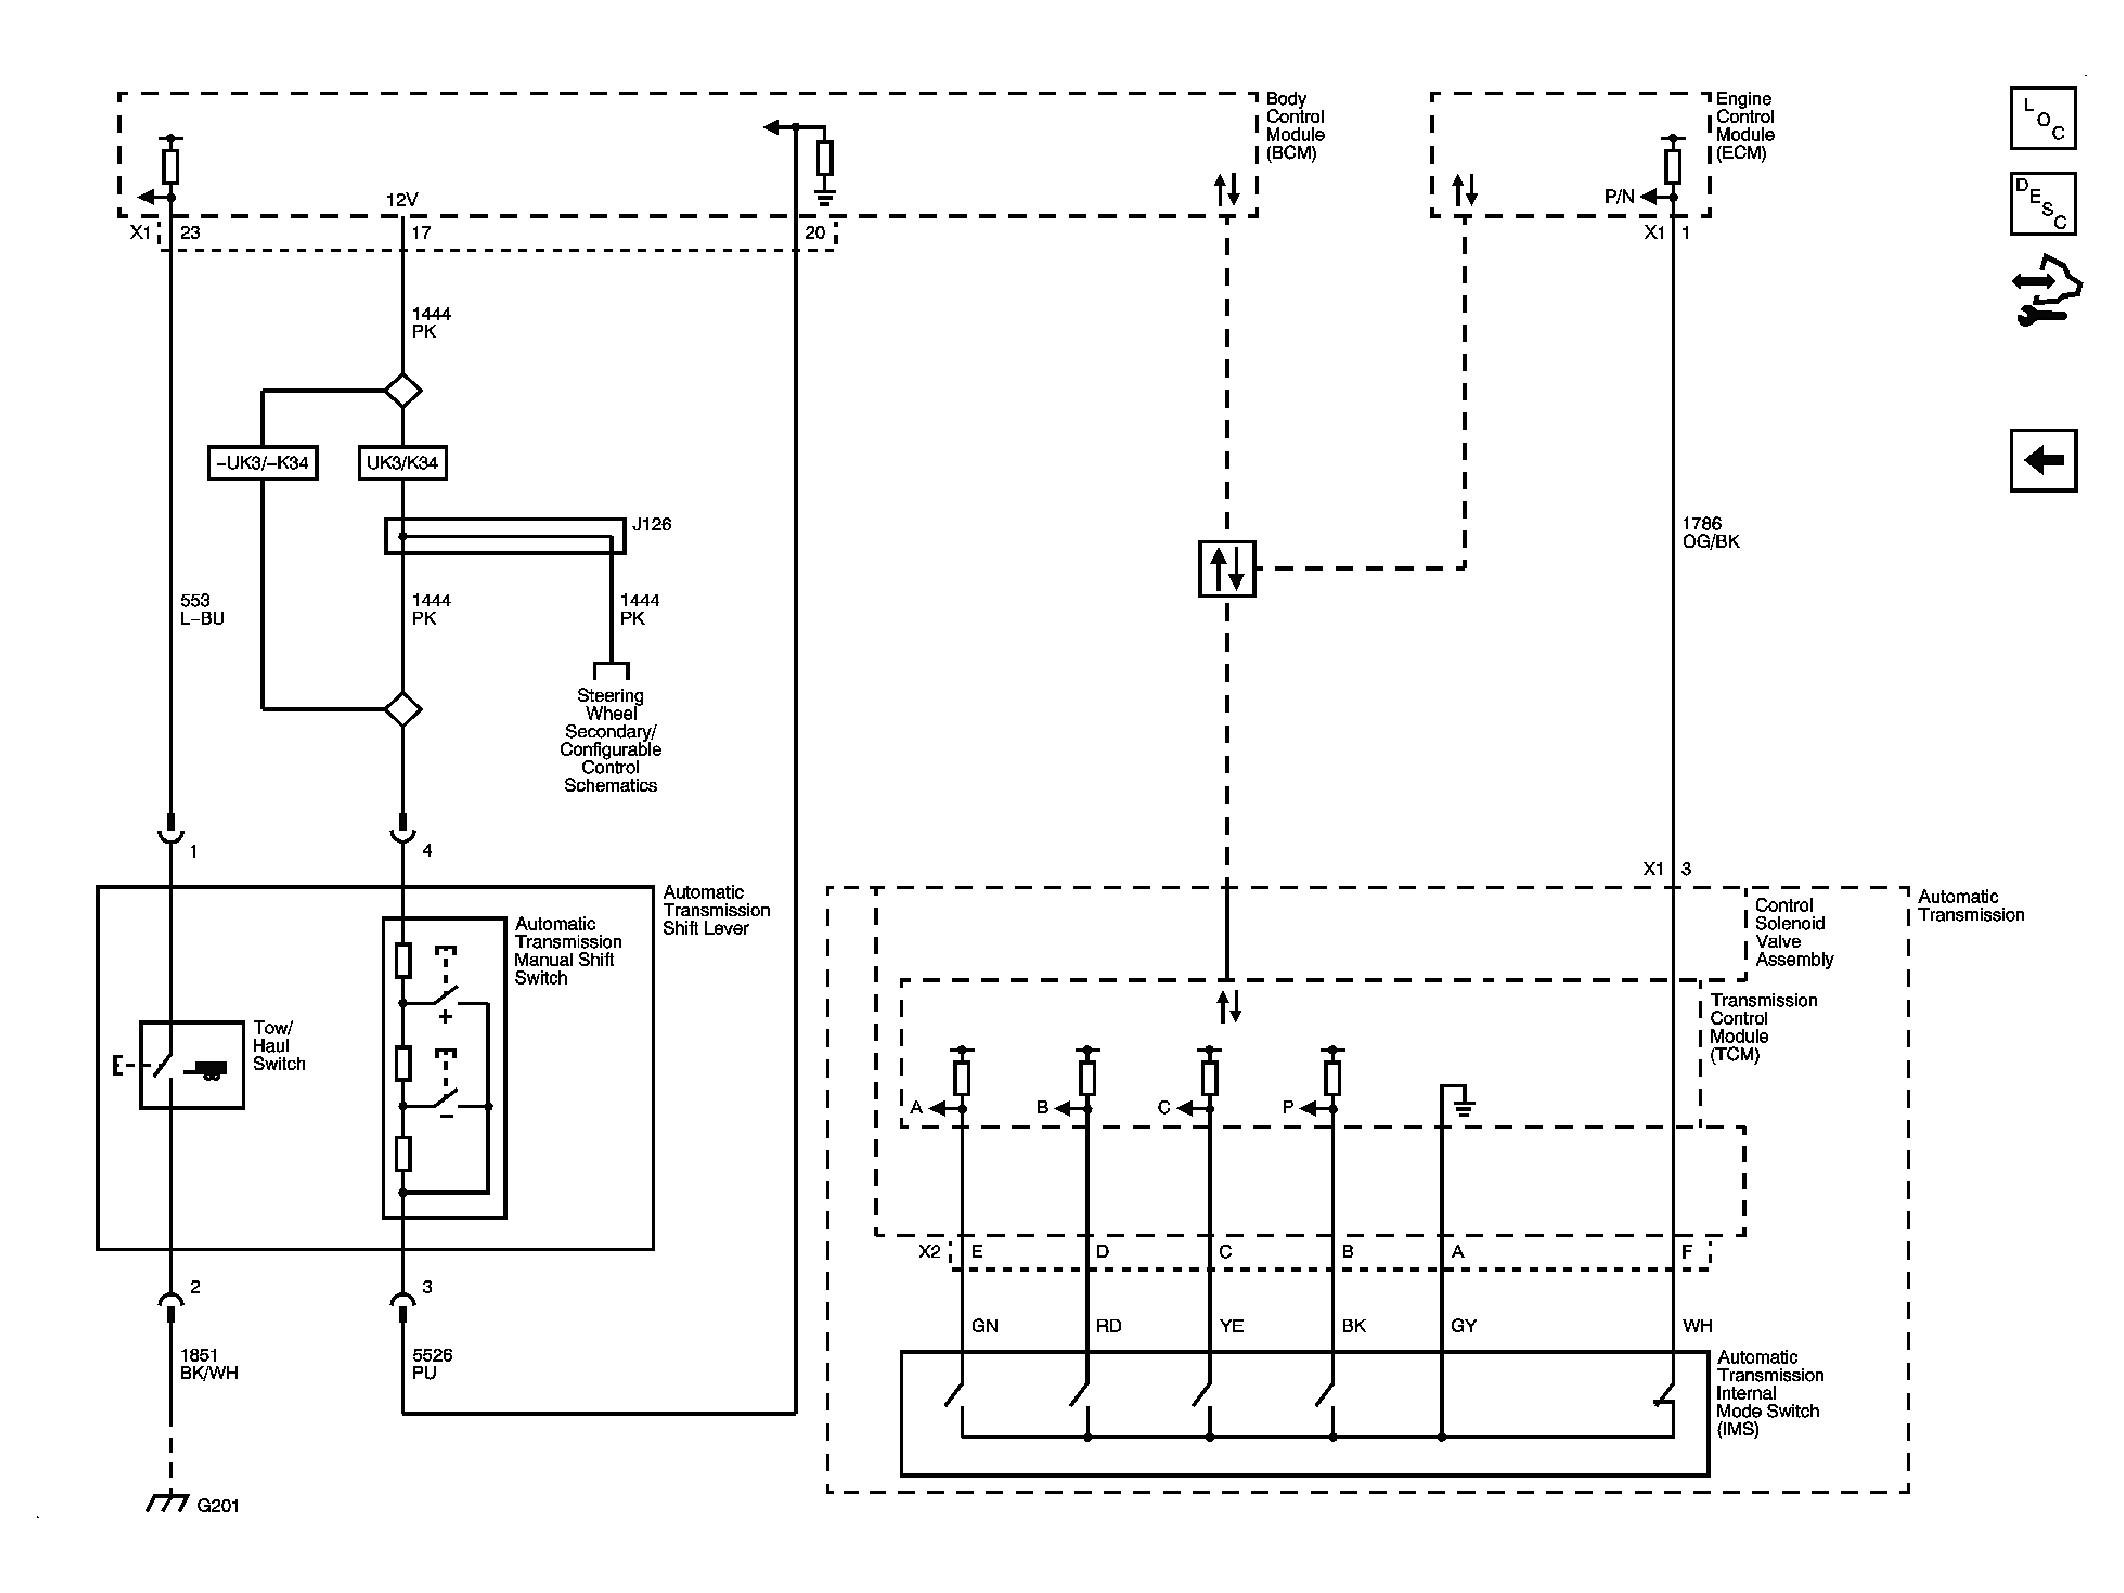 wiring th350c lock up diagram wiring diagramwiring th350c lock up diagram